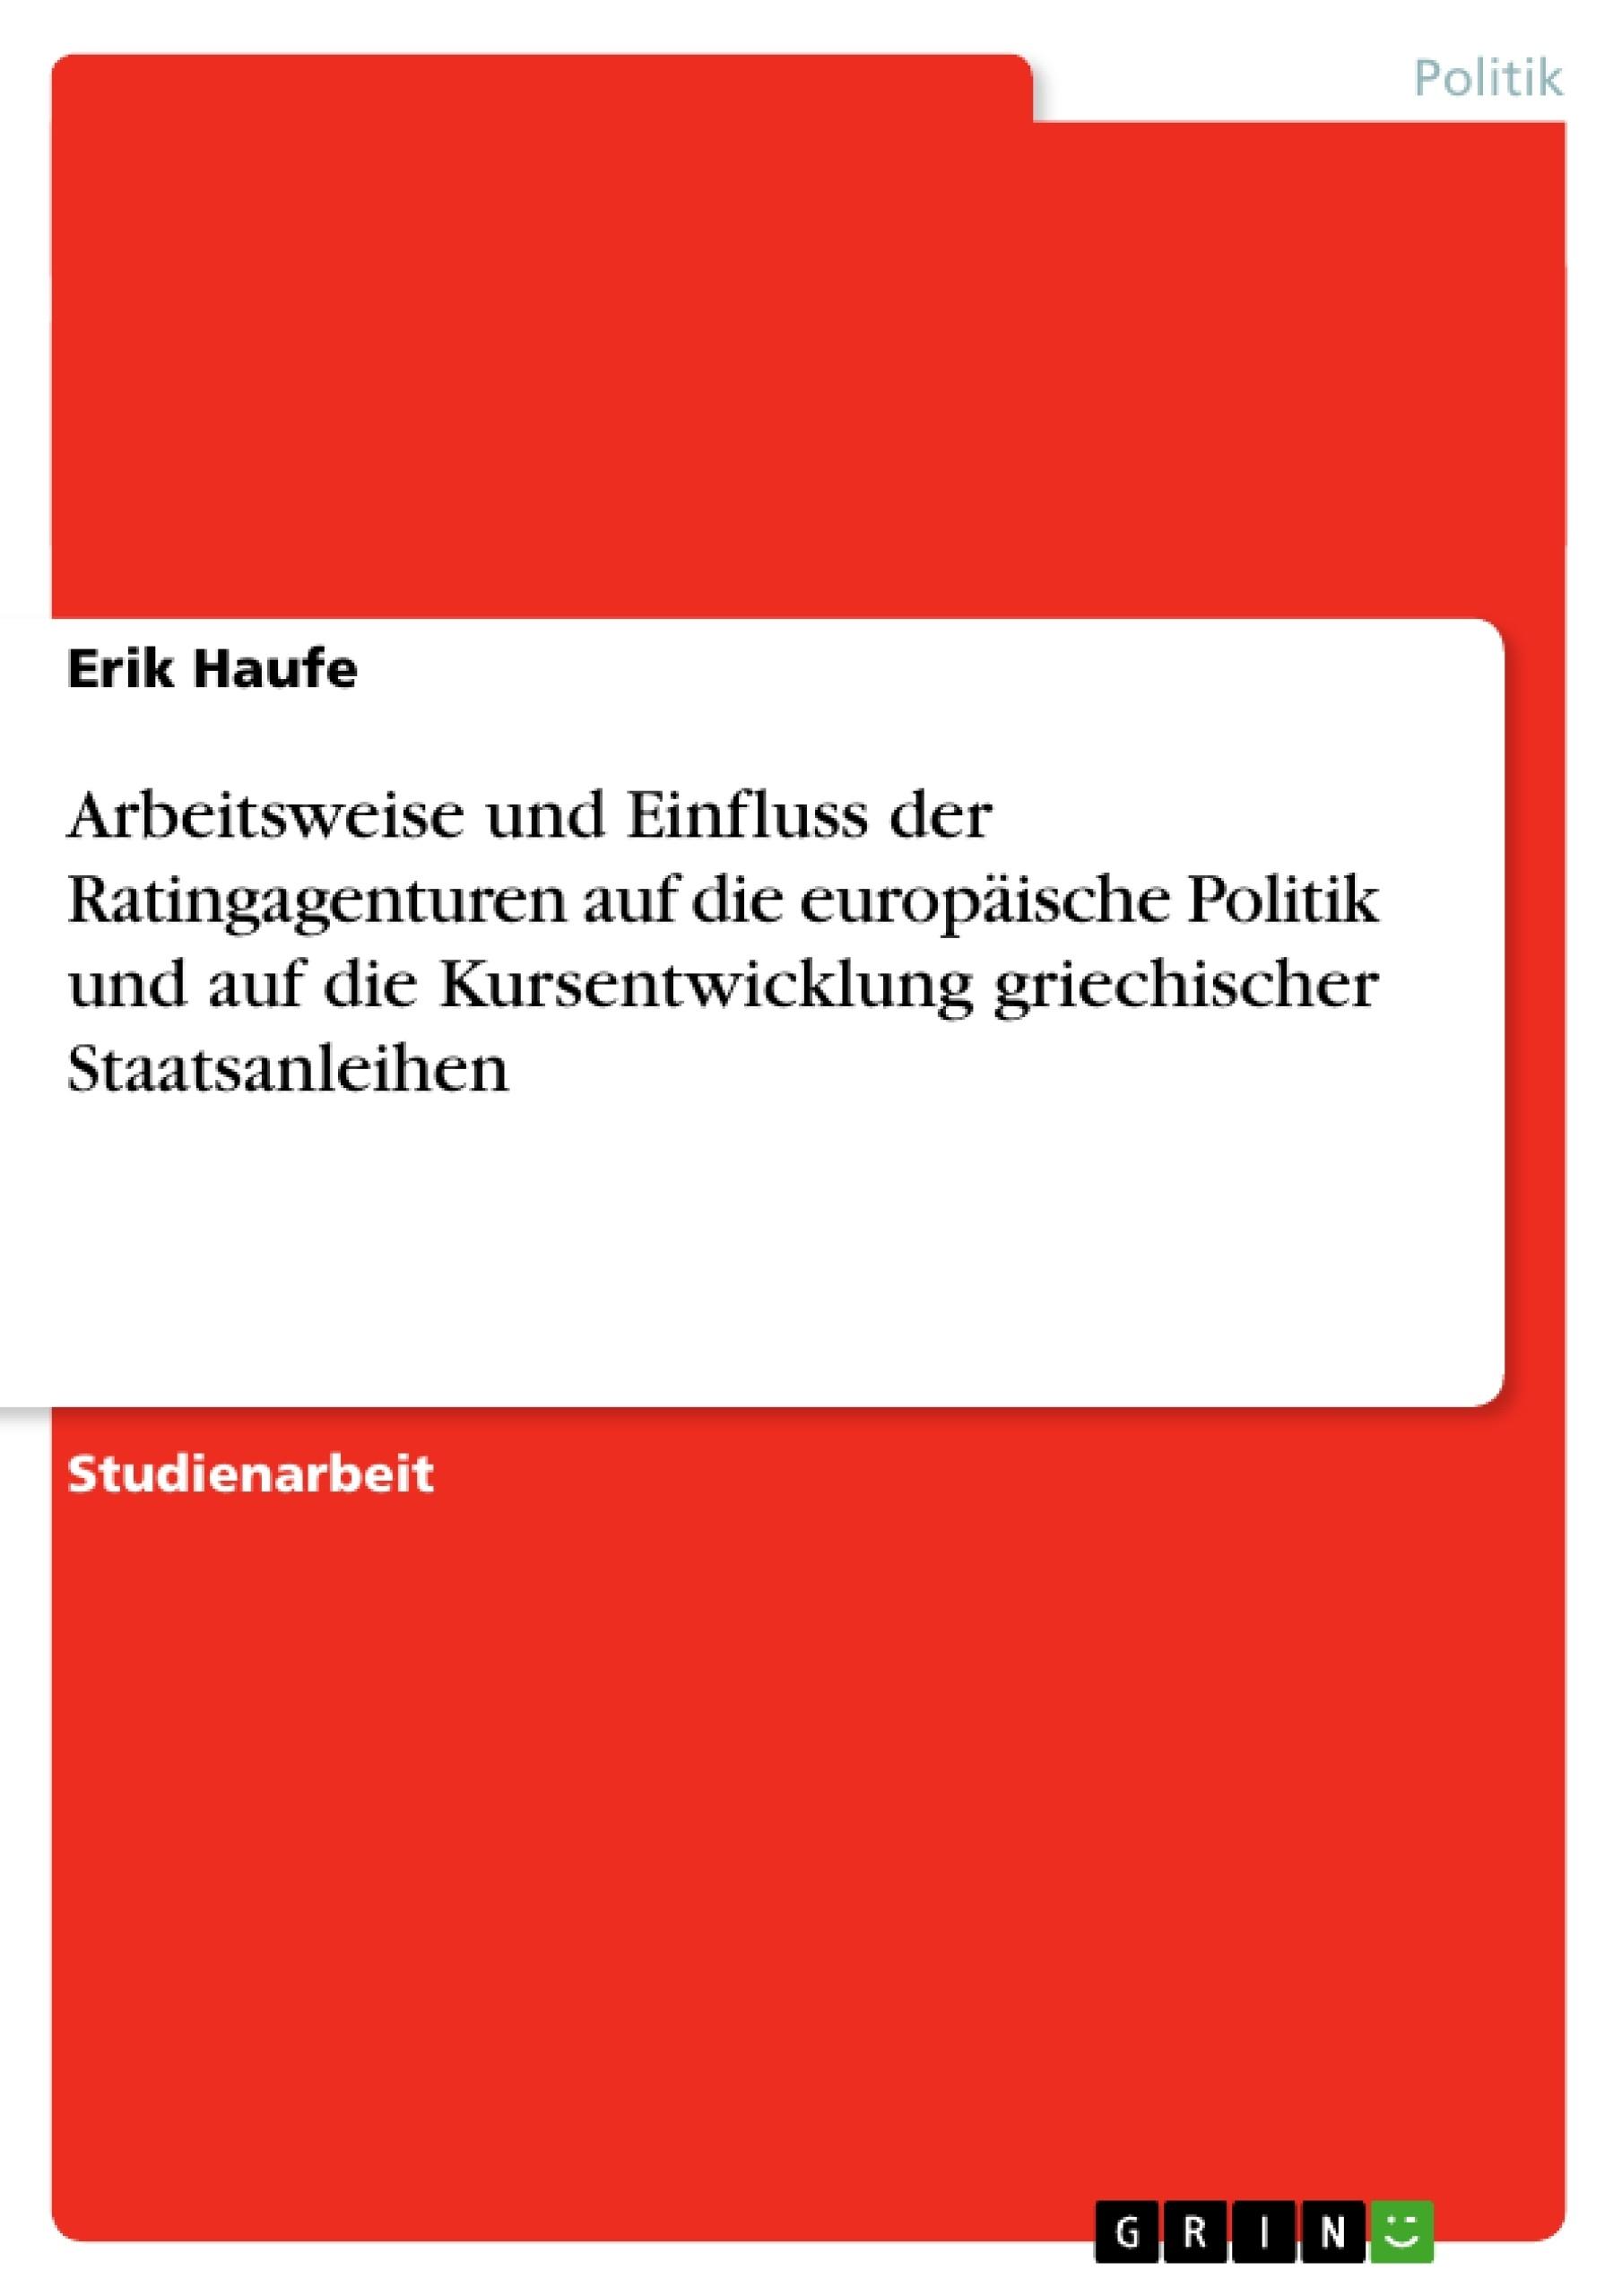 Titel: Arbeitsweise und Einfluss der Ratingagenturen auf die europäische Politik und auf die Kursentwicklung griechischer Staatsanleihen